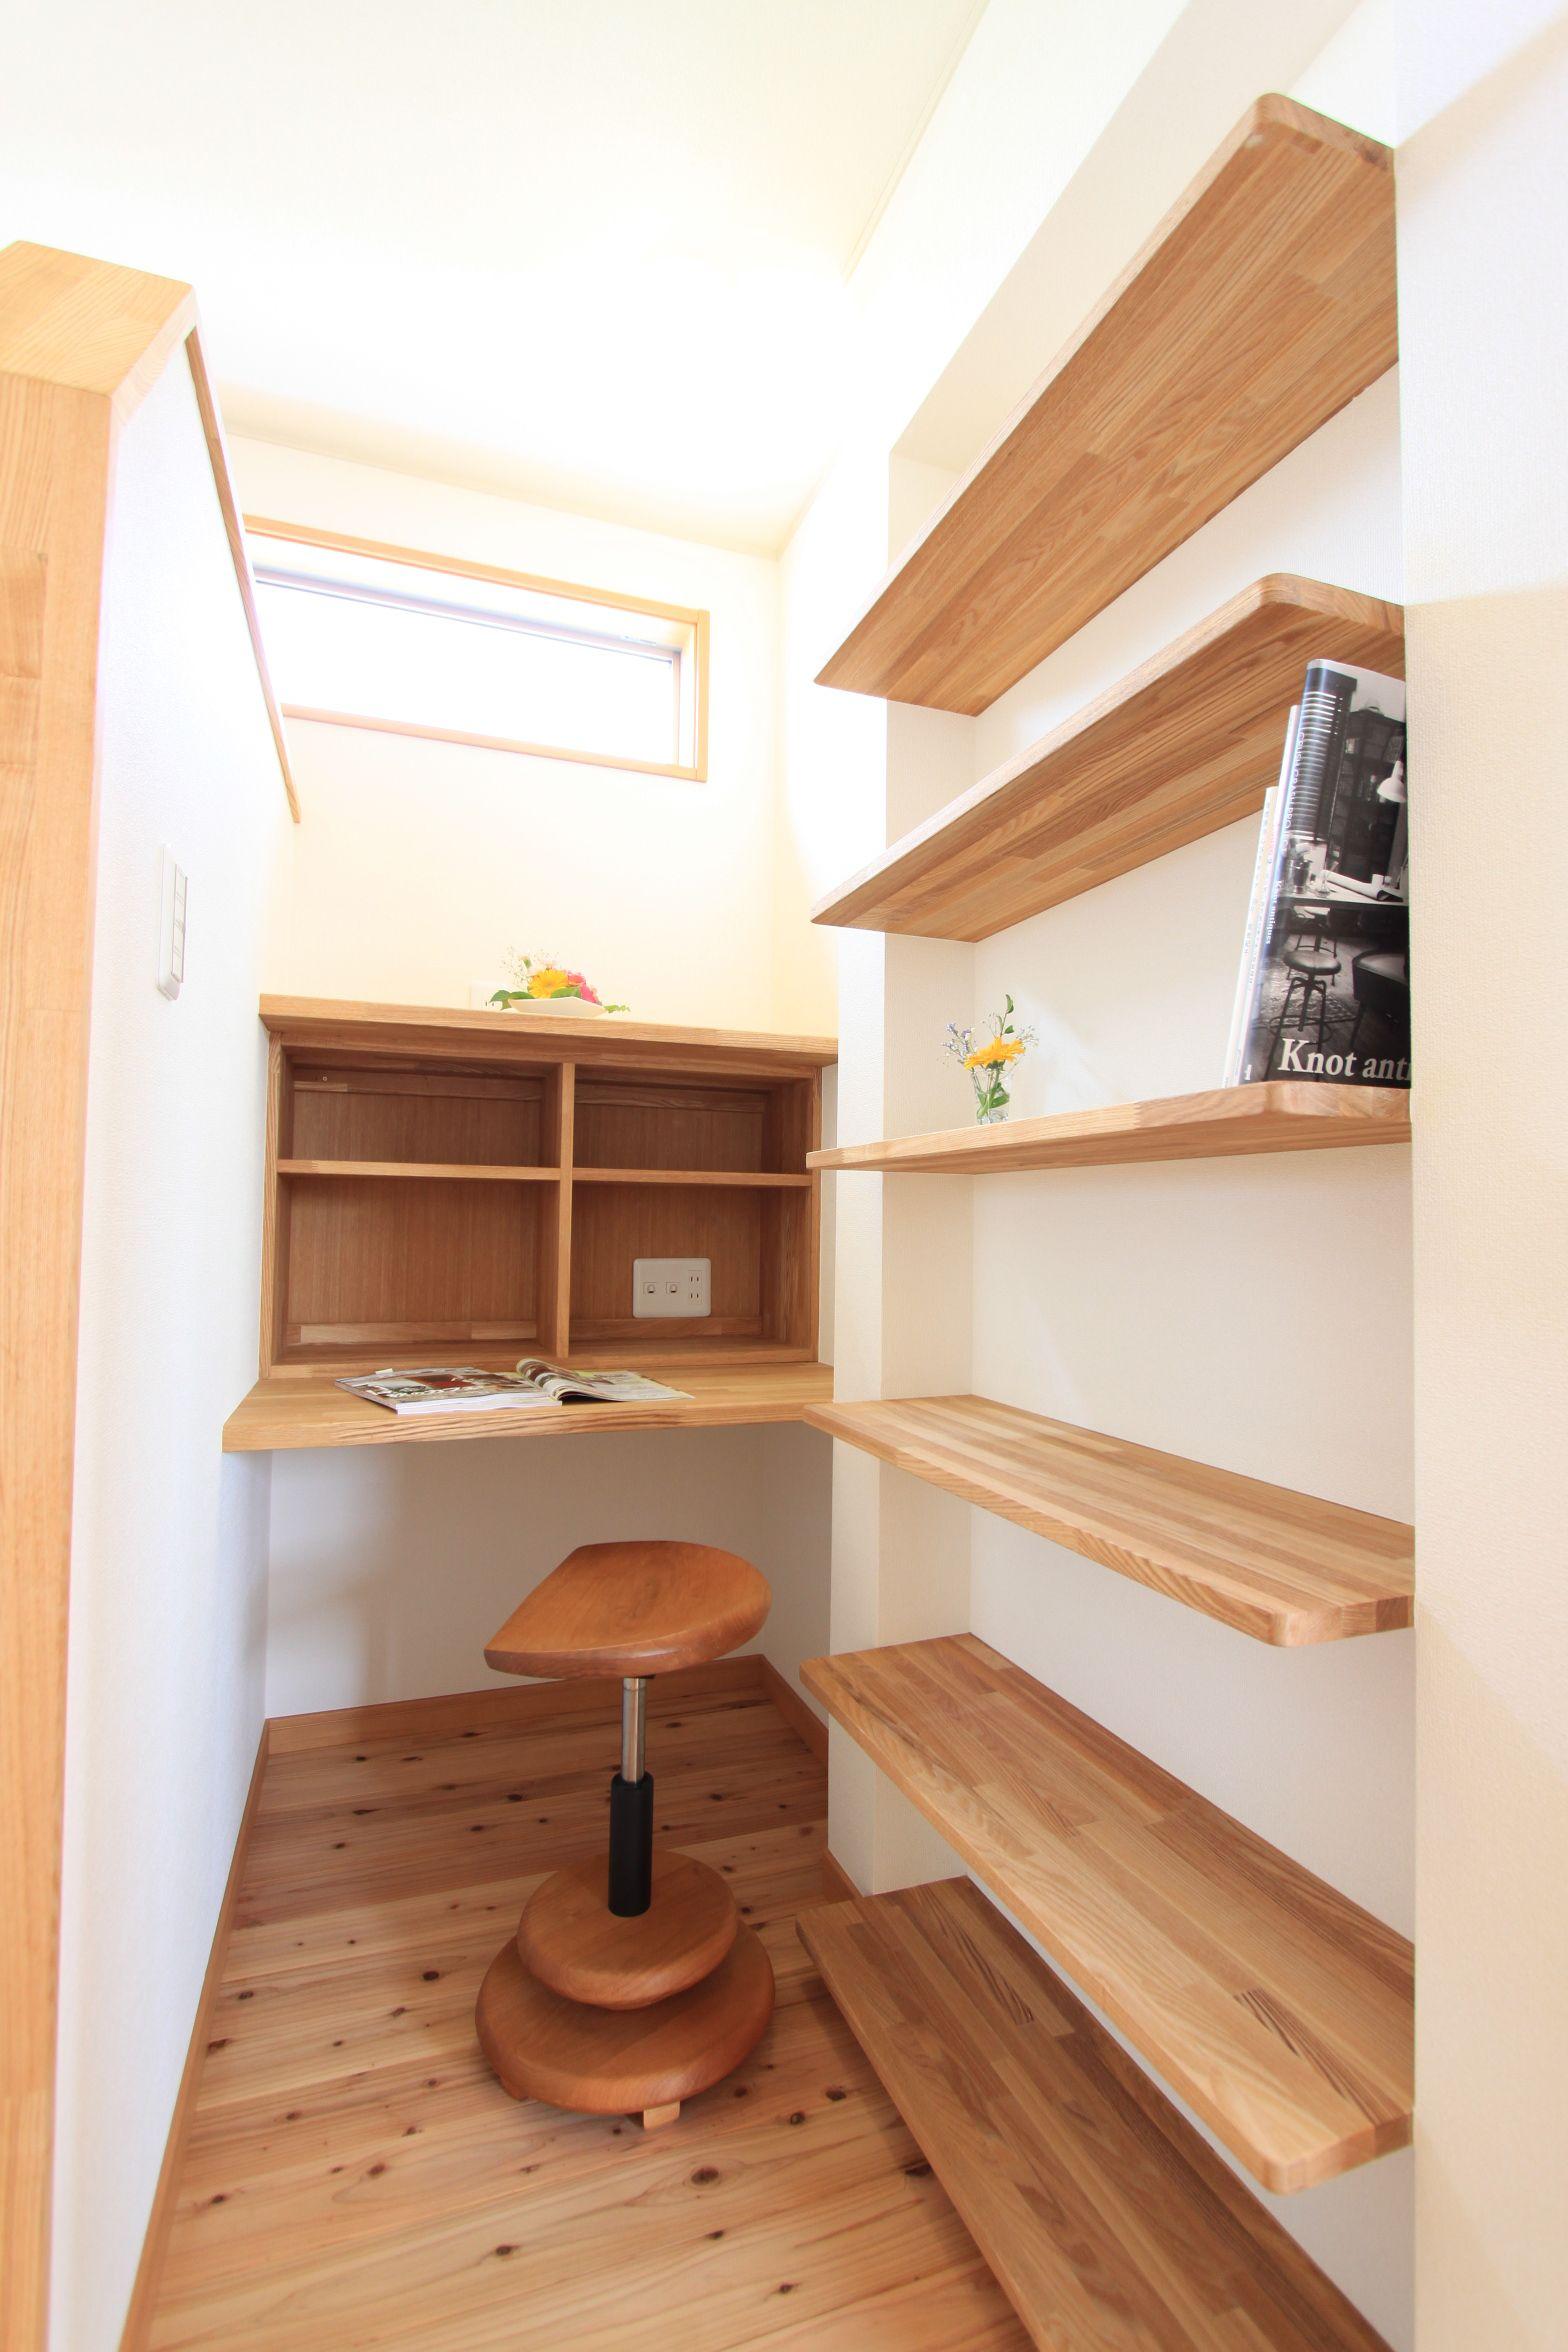 本棚のある書斎は 階段横に設けて締め切らない工夫 書斎 オープンな書斎 本棚 収納 インテリア 収納 注文住宅 家